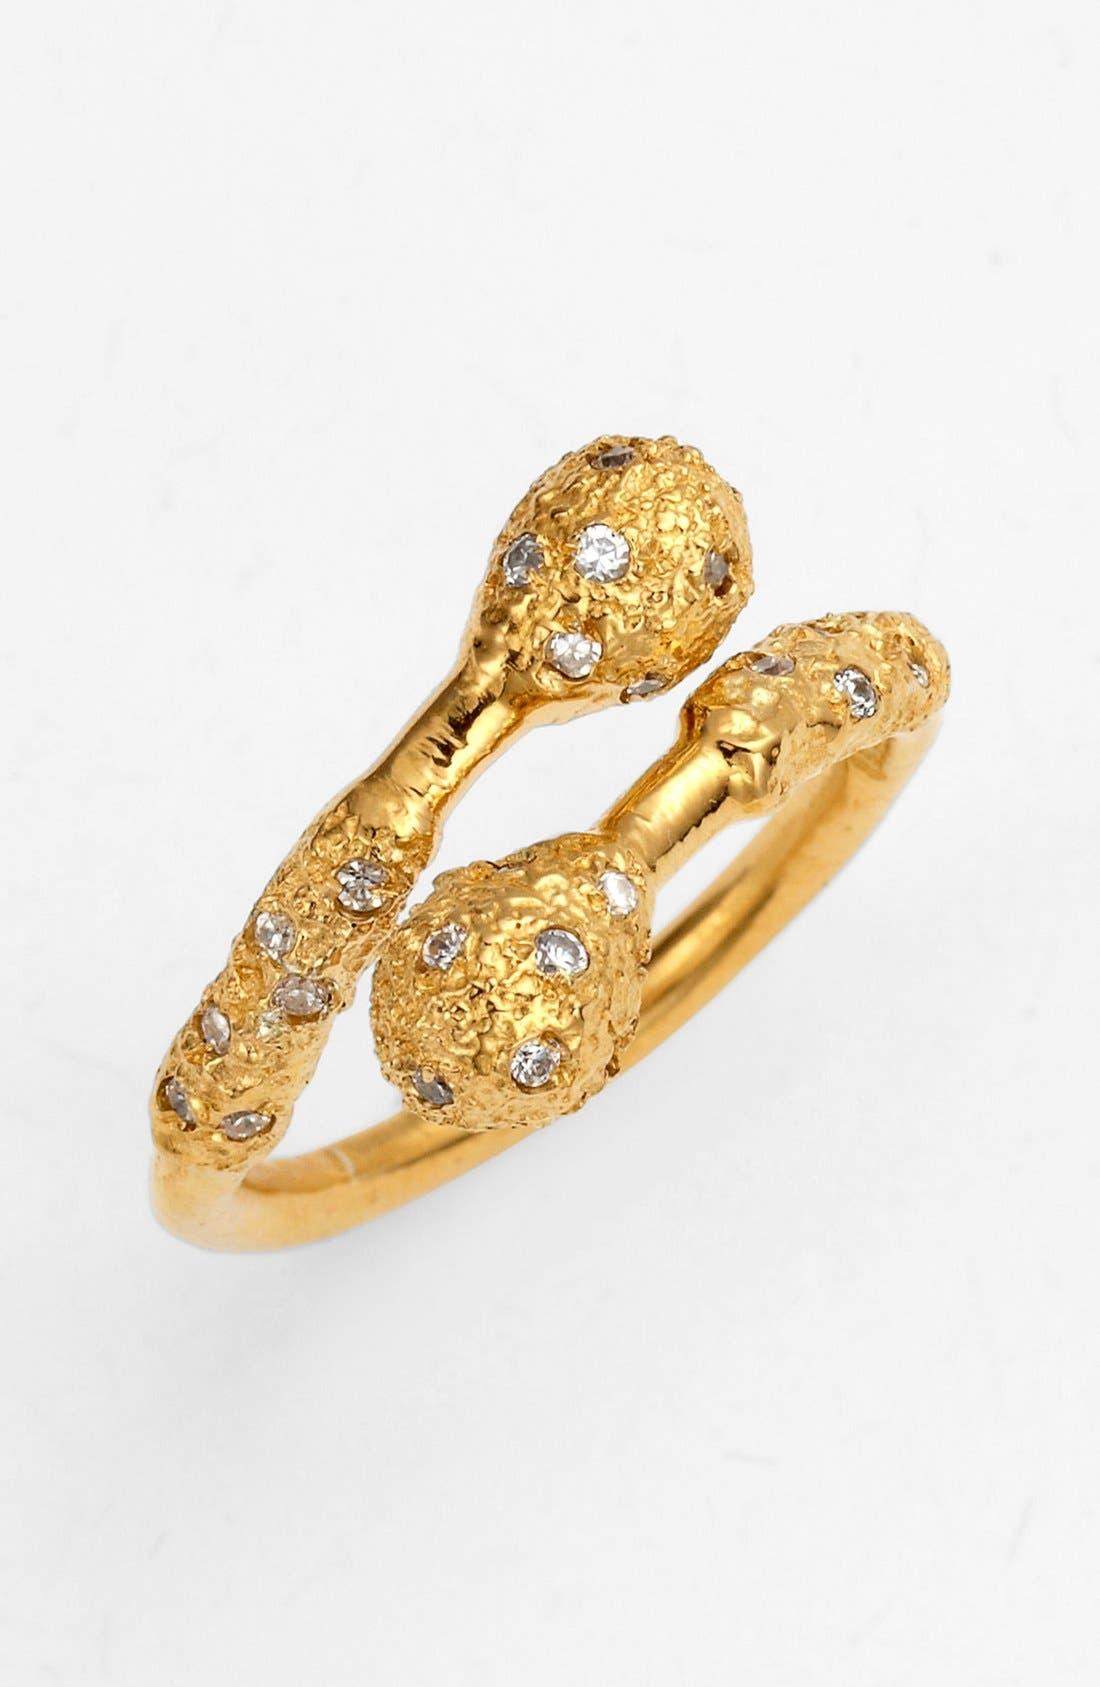 Main Image - Melinda Maria 'Galaxy' Wrap Ring